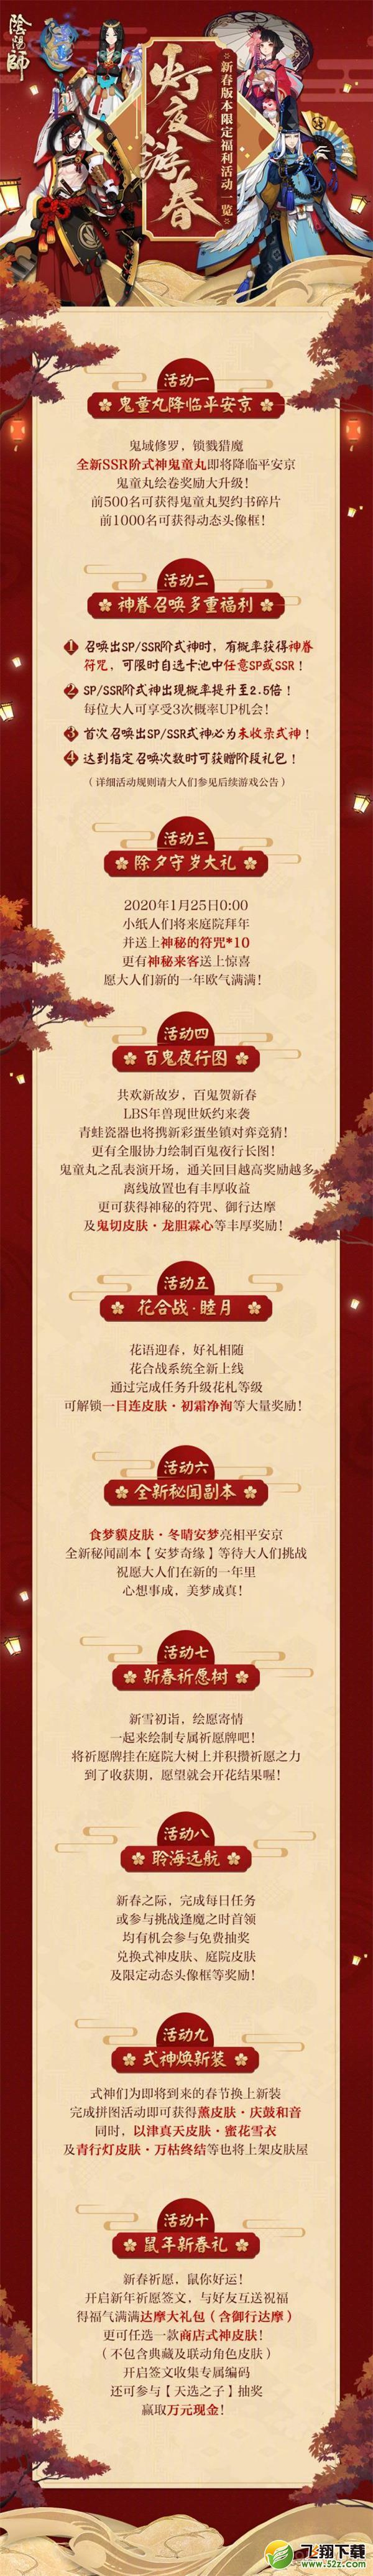 阴阳师春节活动灯夜游春奖励全拿攻略_52z.com